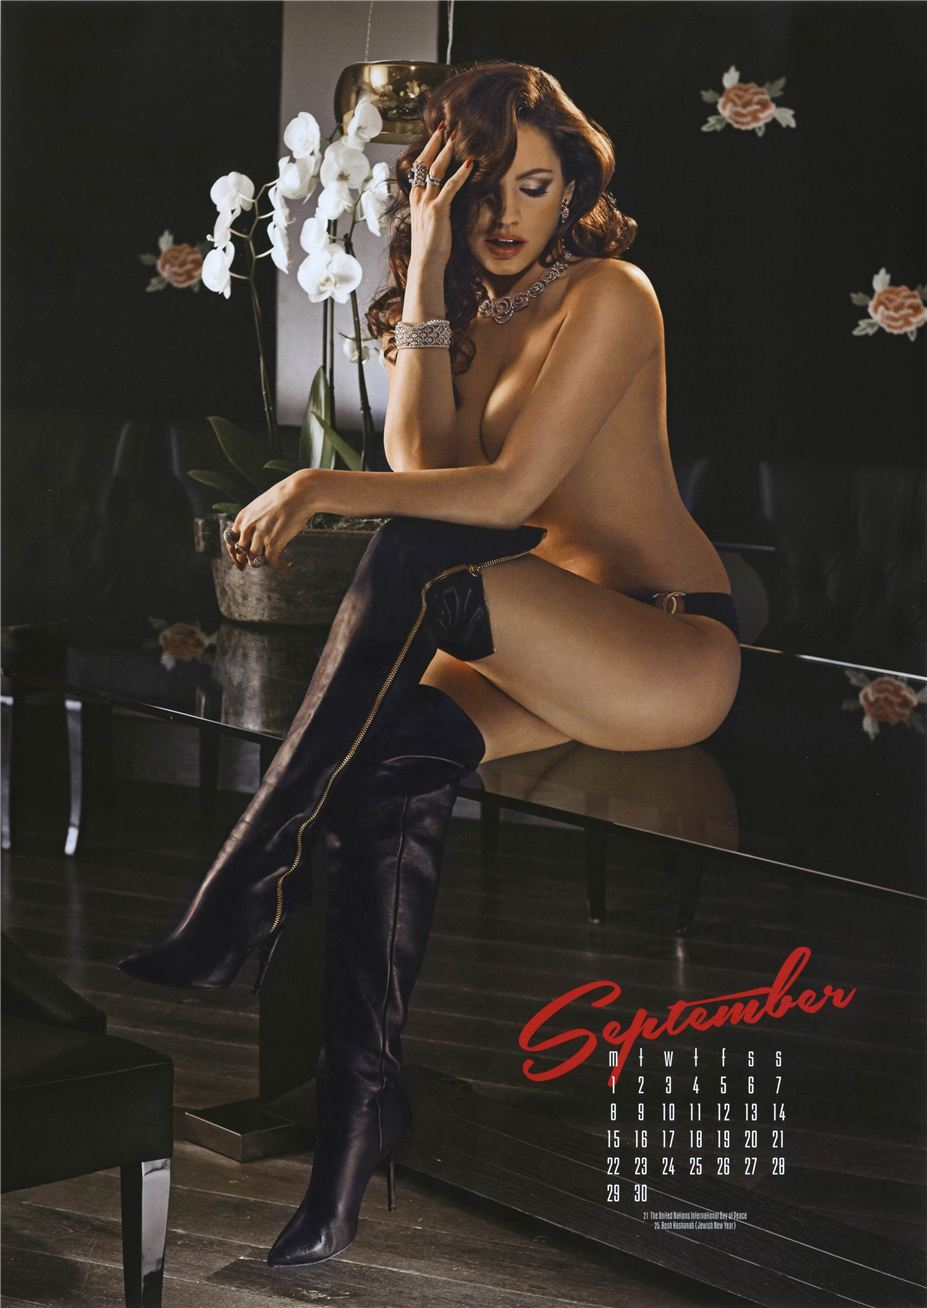 сентябрь - Календарь сексуальной красотки, актрисы и модели Келли Брук / Kelly Brook - official calendar 2014